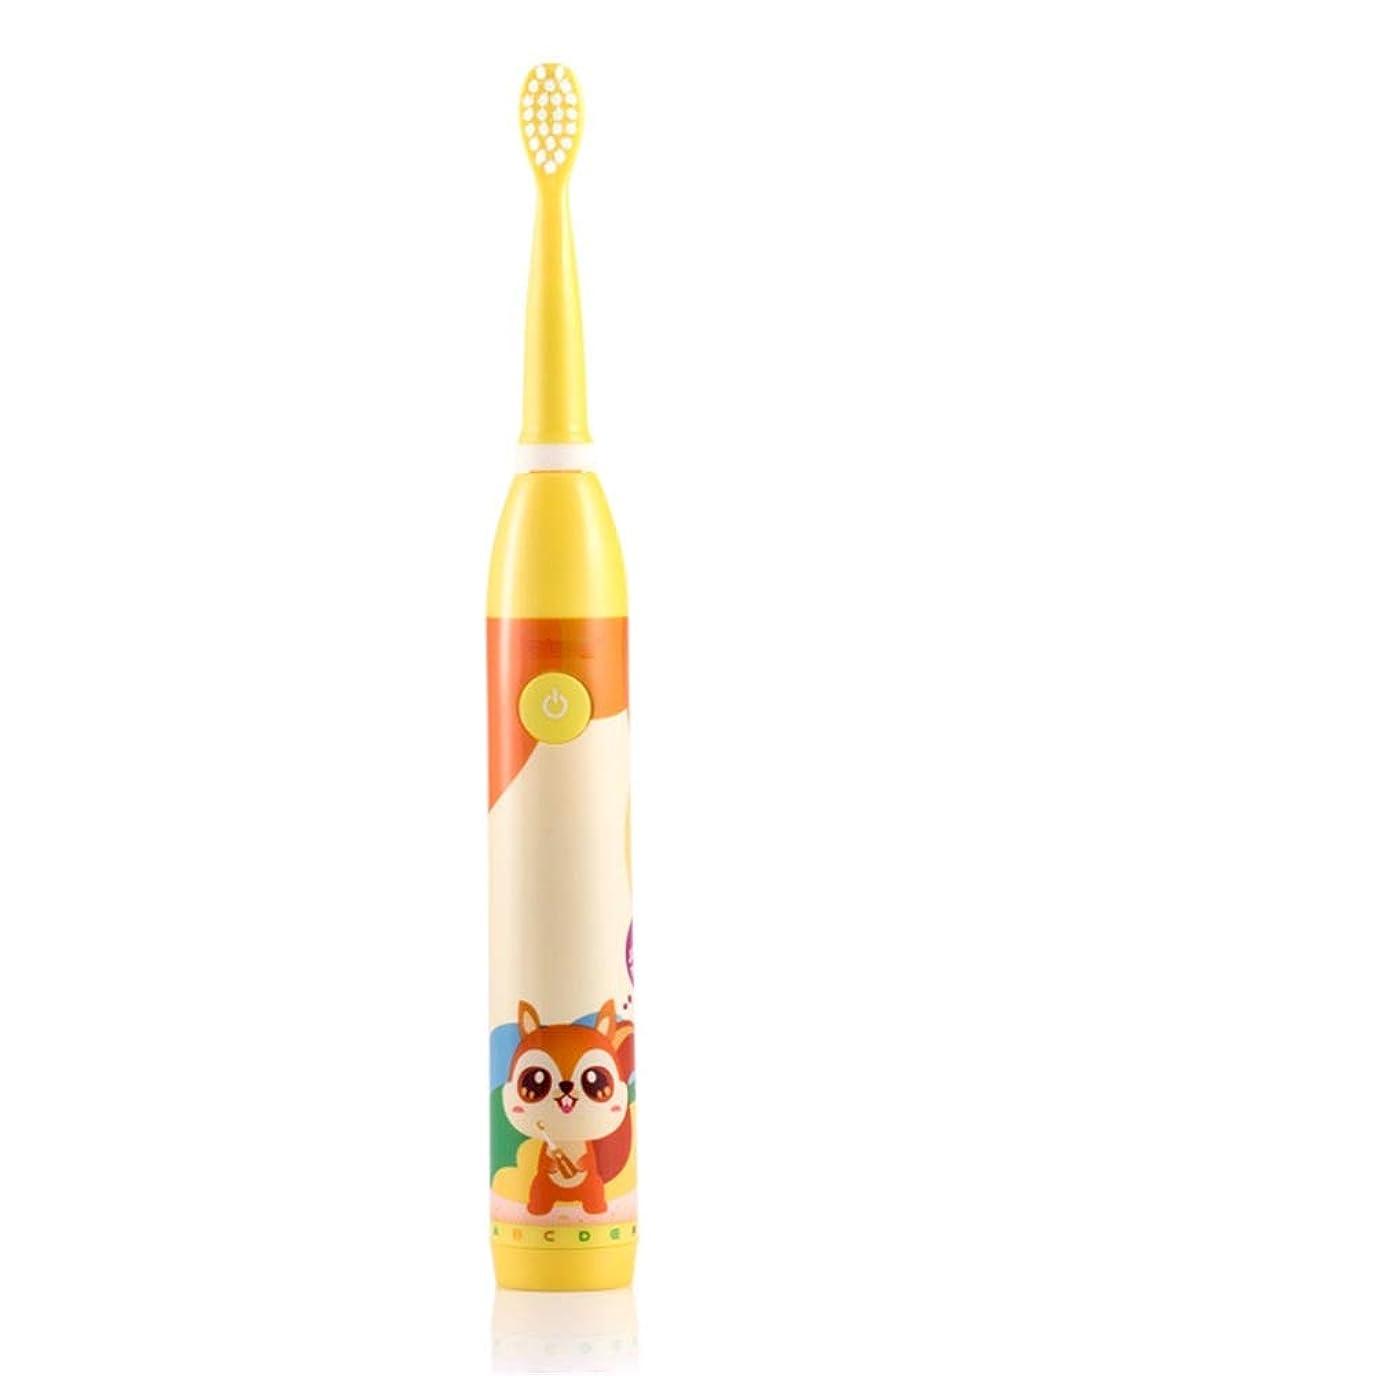 伝染性告白エンドウ電動歯ブラシ 子供のために適した子供の電動歯ブラシUSB充電式防水歯ブラシ2-5 (色 : 黄, サイズ : Free size)